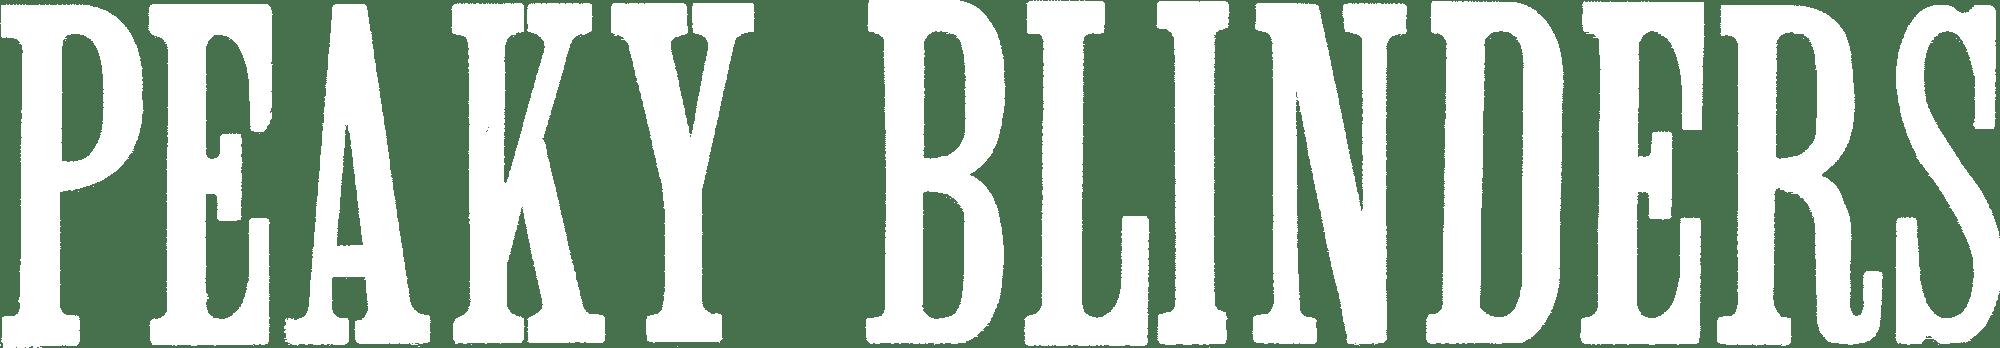 Peaky Blinders horizontal logo